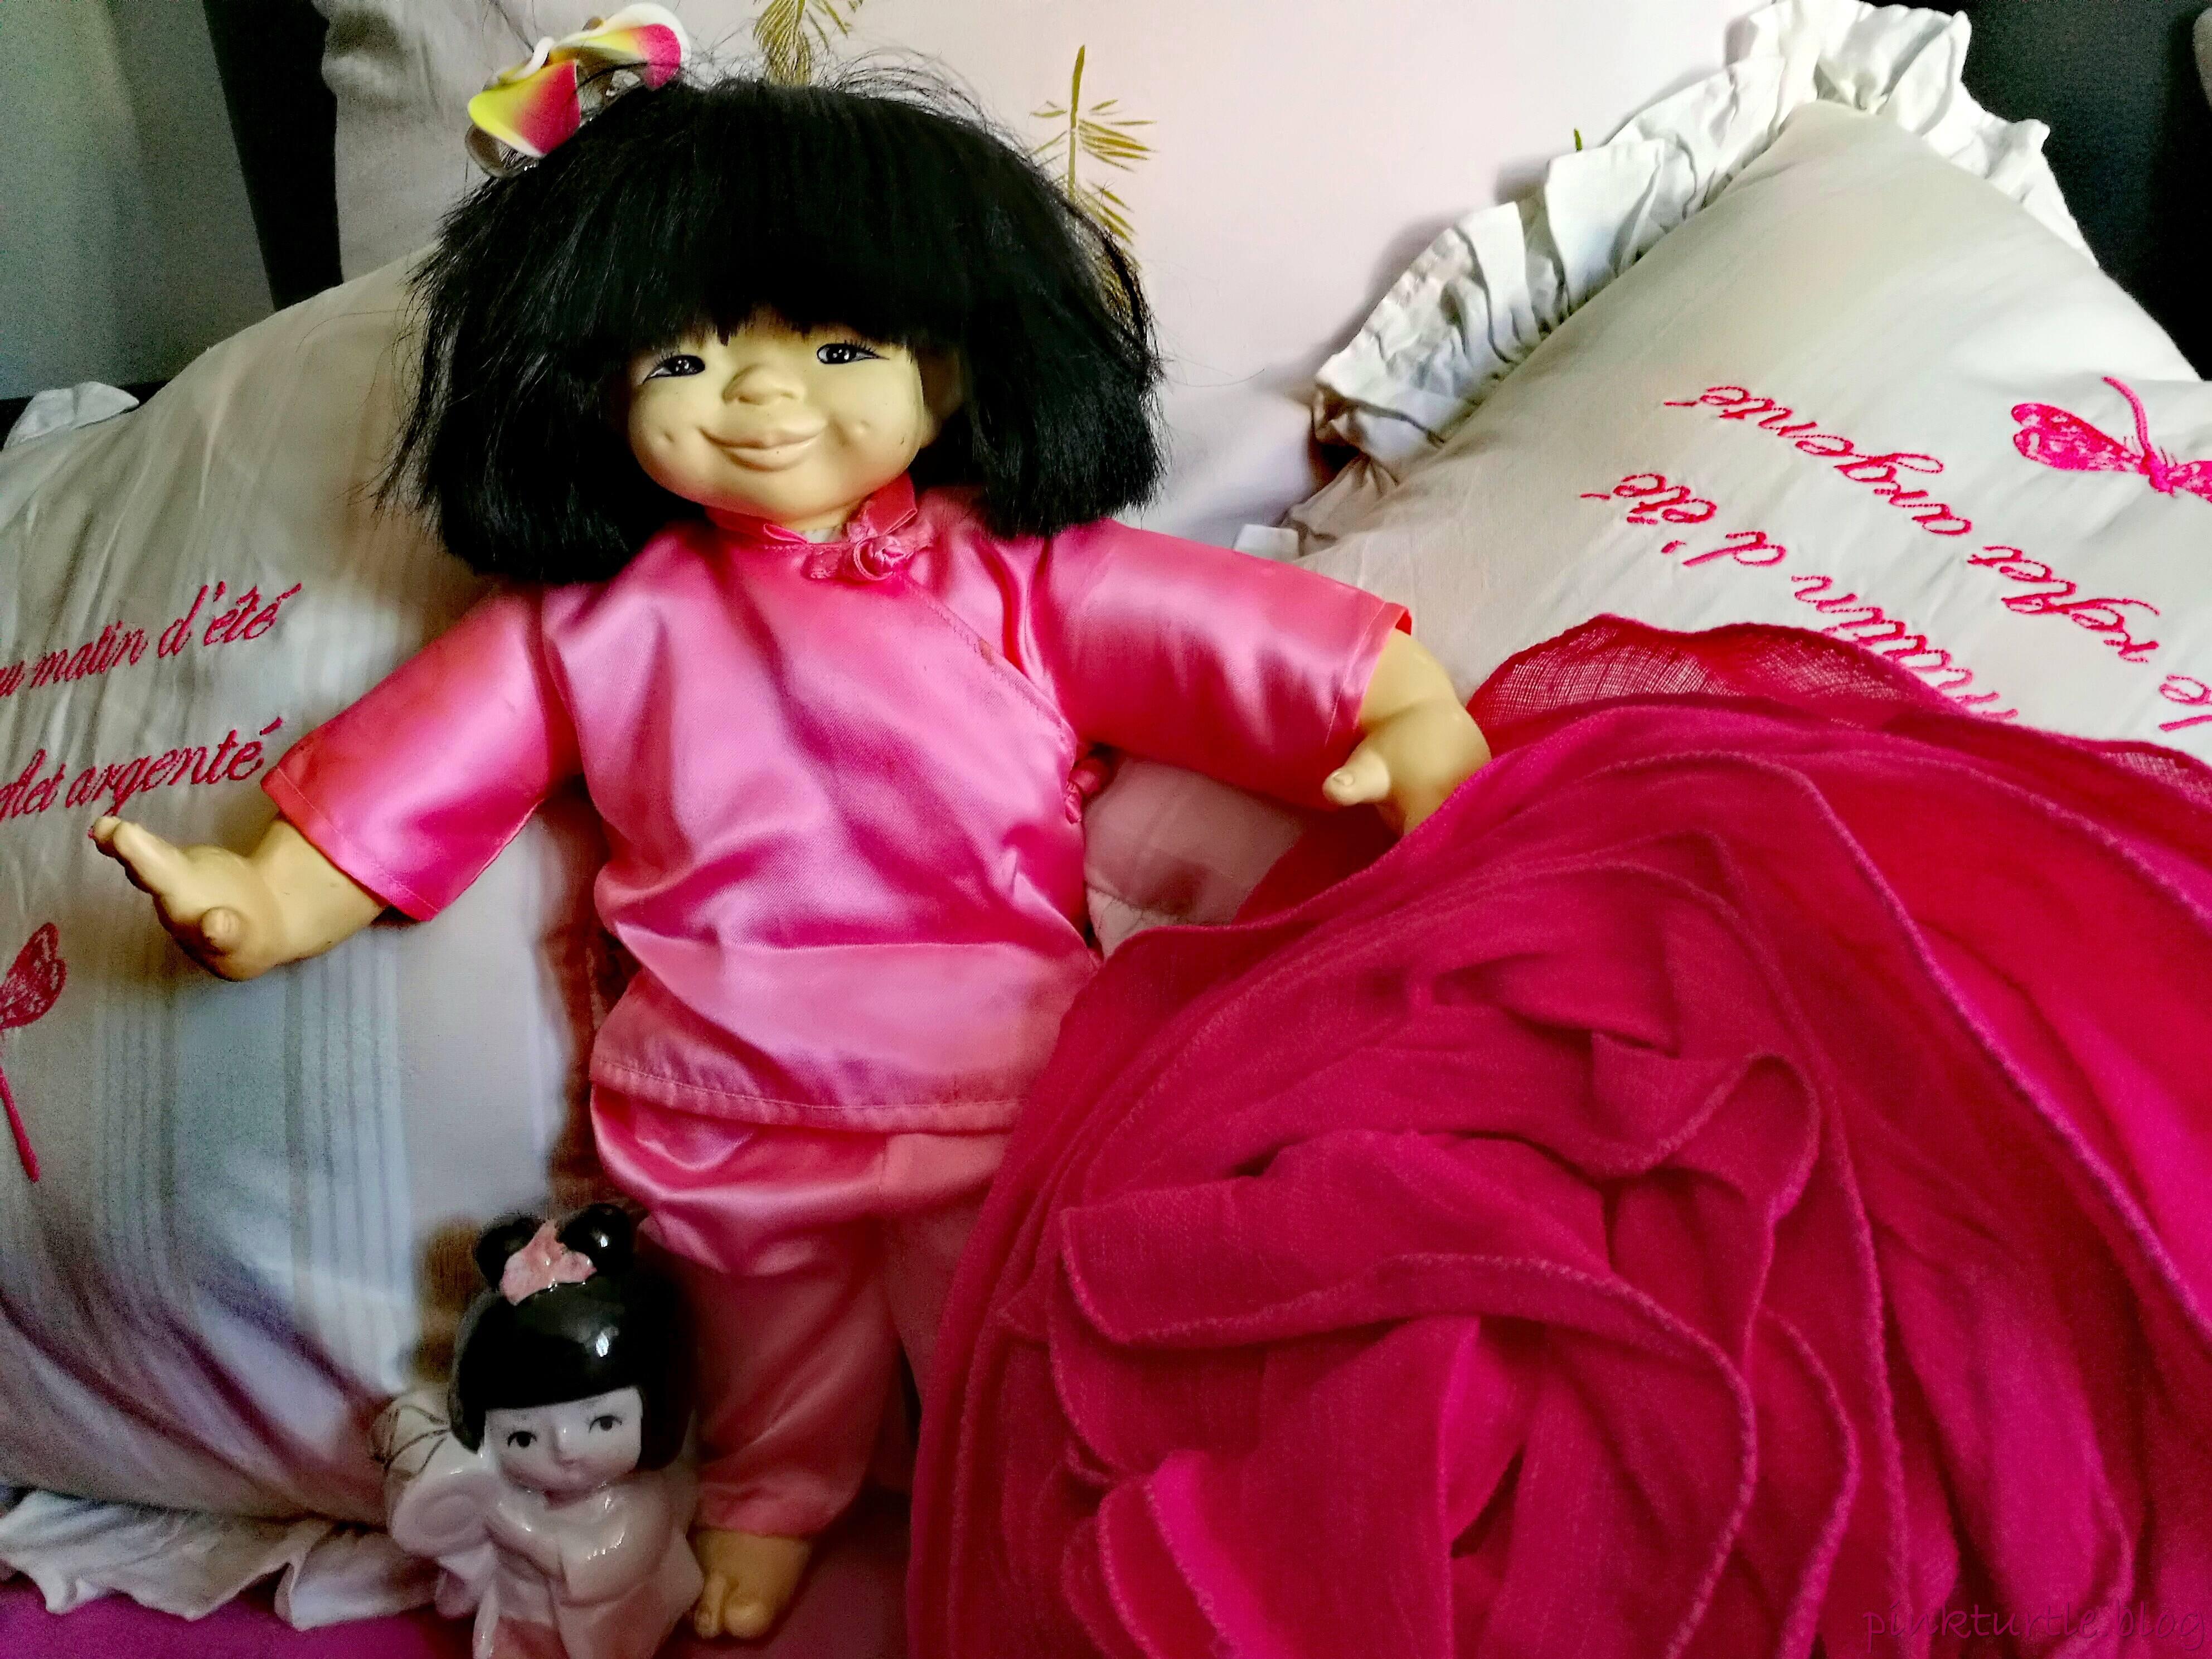 Objets de notre enfance @pink.turtle.blog